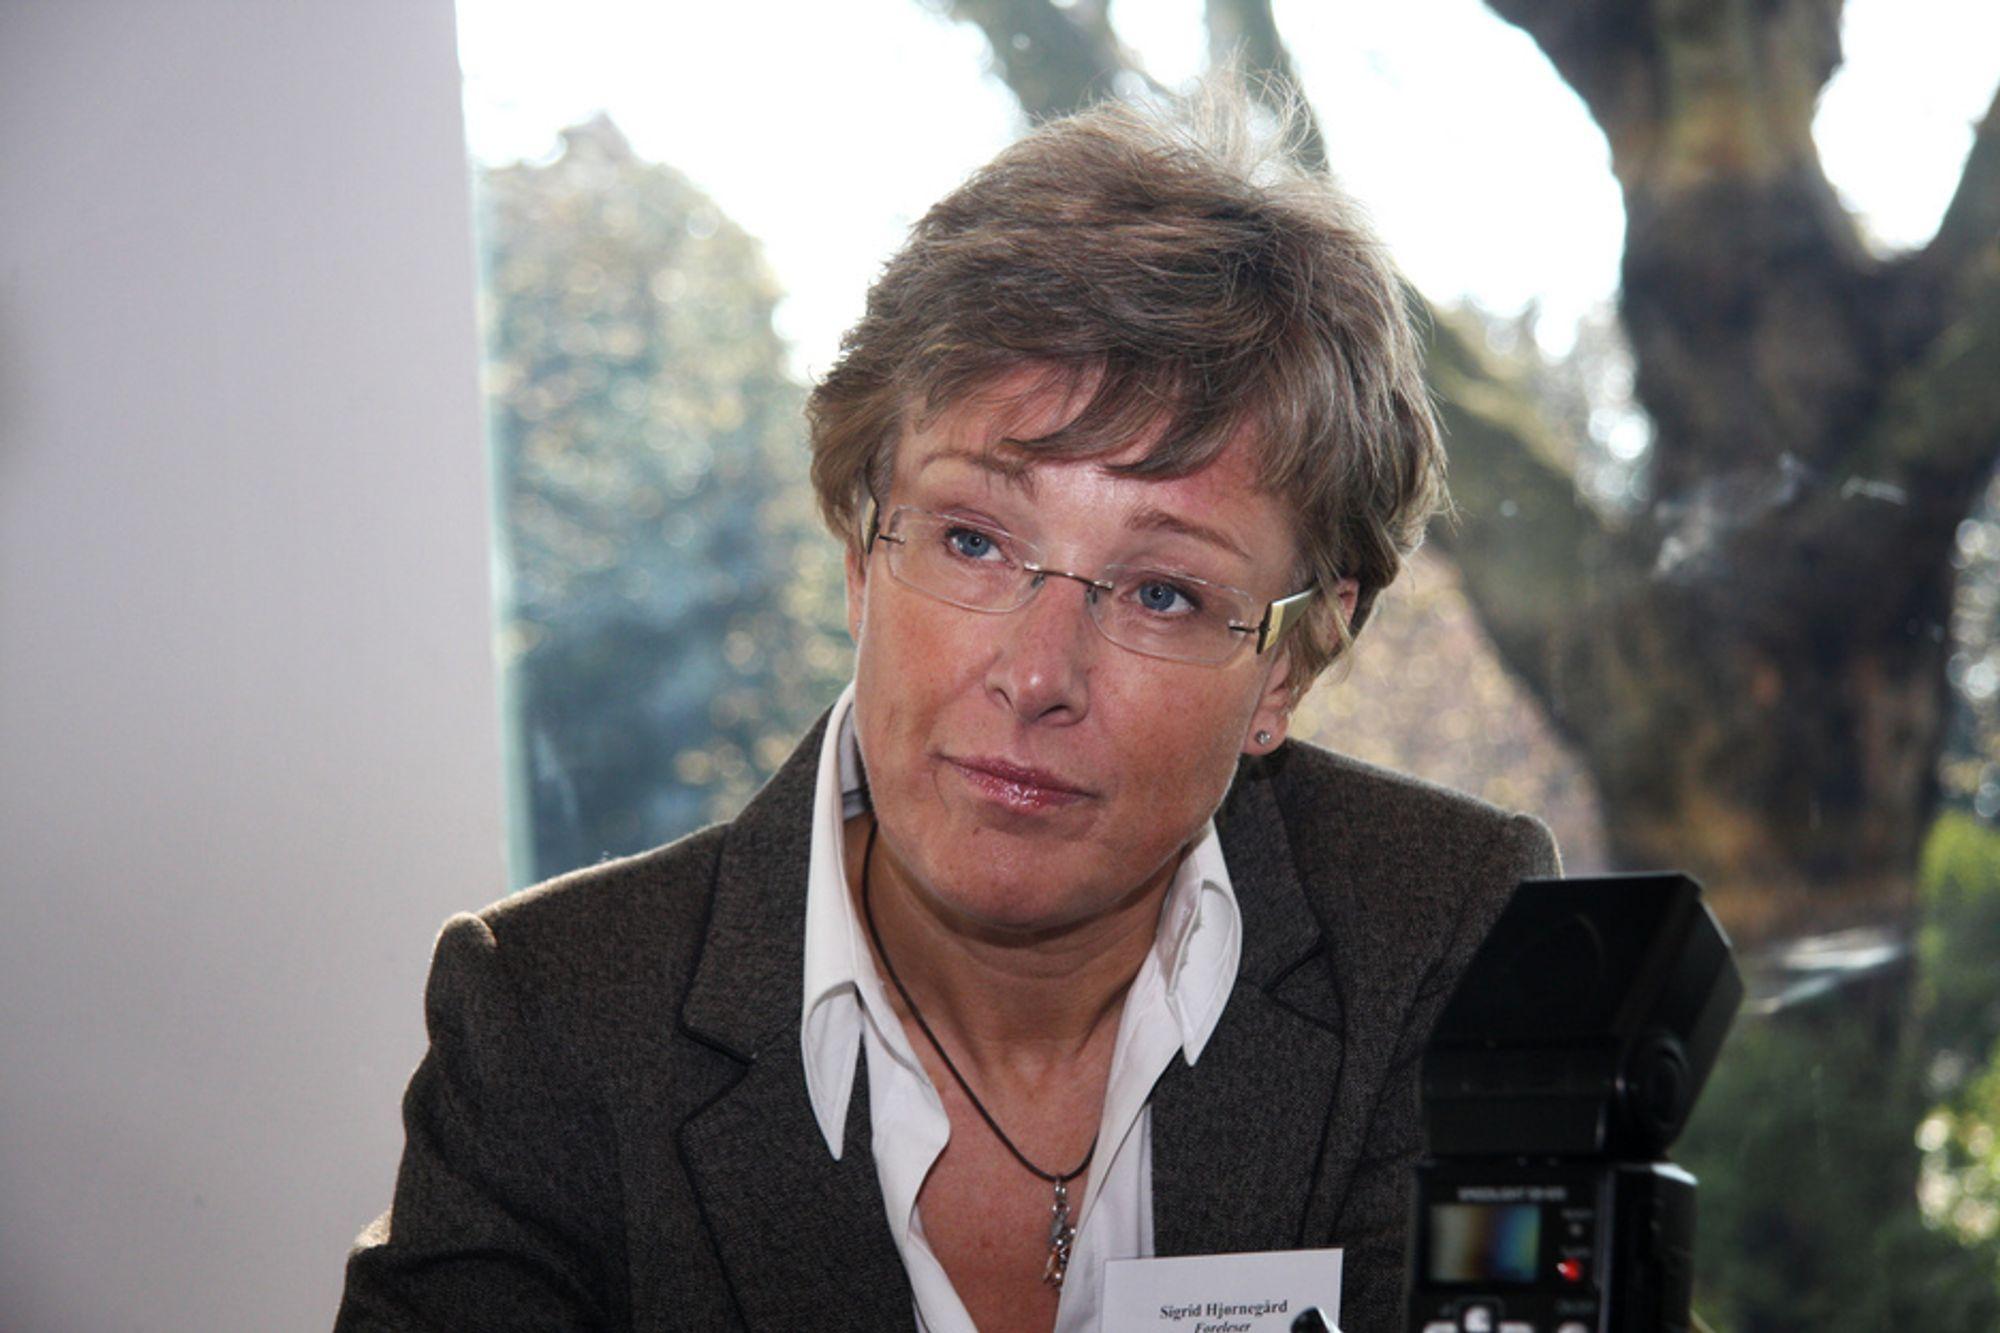 TILBAKE I MANESJEN: Etter en karantene på kun seks måneder er tidligere statssekretær Sigrid Hjørnegård tilbake i energimanesjen, som lobbyist for kraftbransjen.